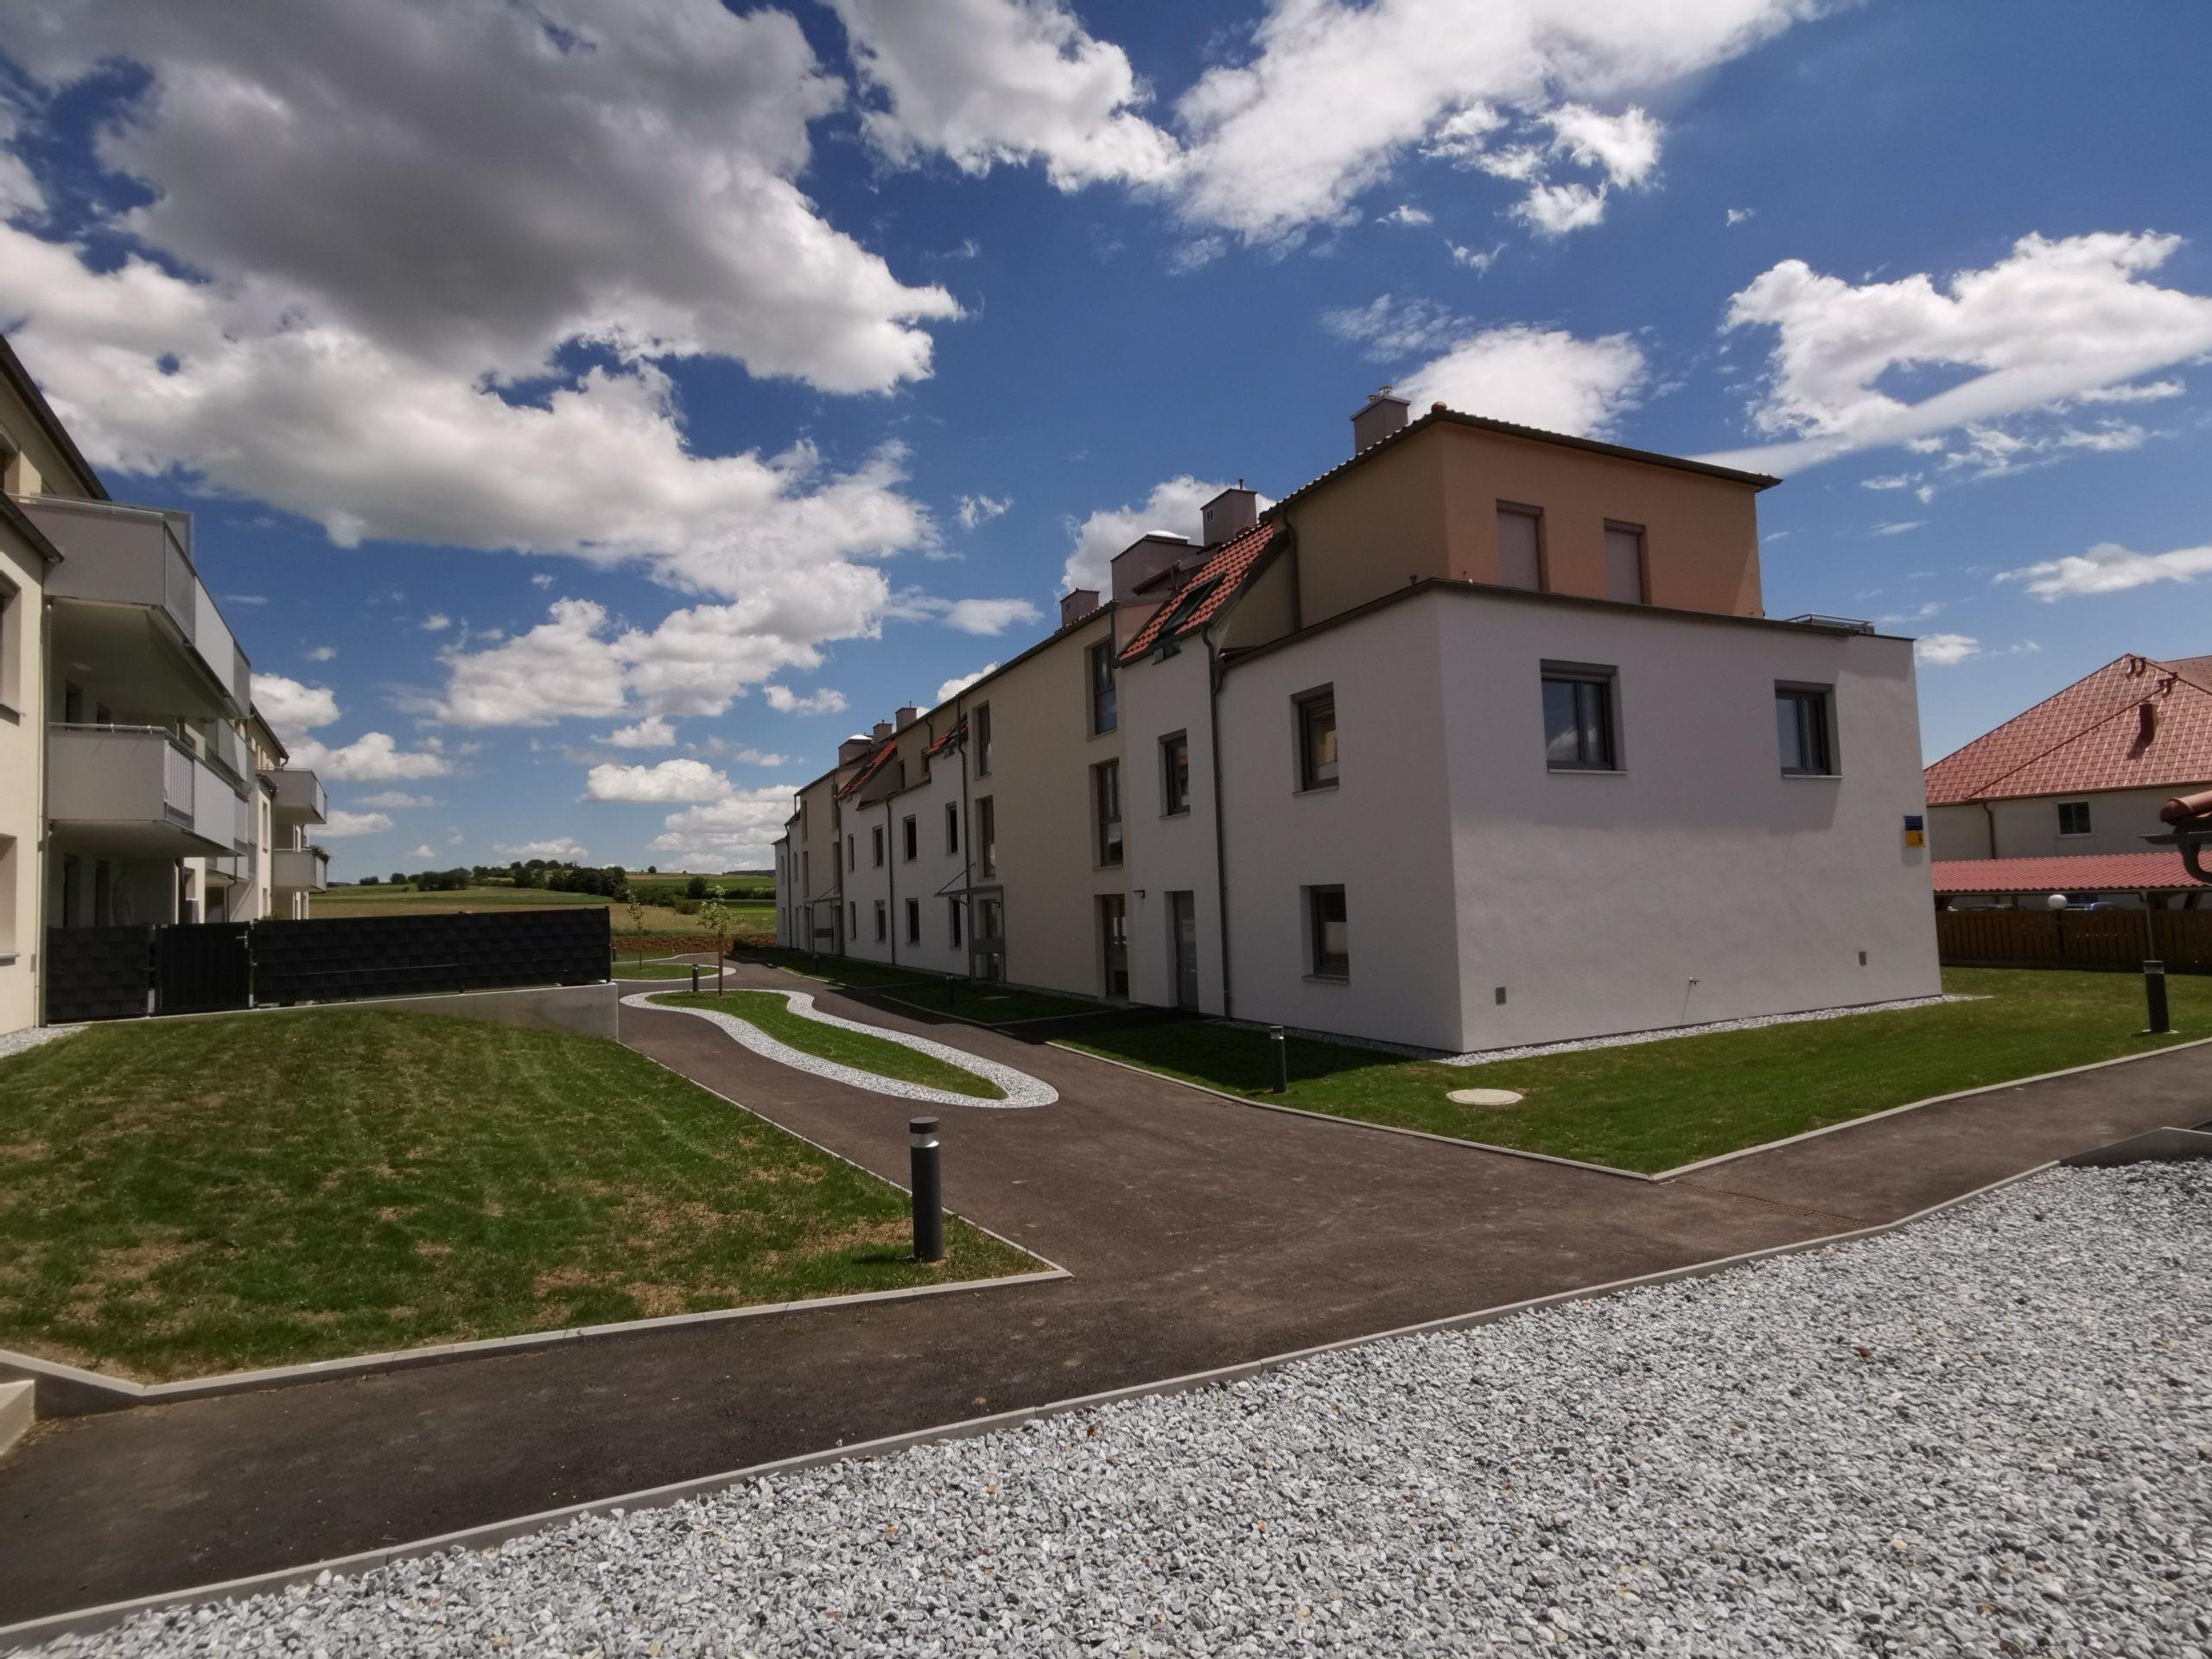 Immobilie von Kamptal in 3571 Gars am Kamp, Horn, Gars V - Top 208 #22